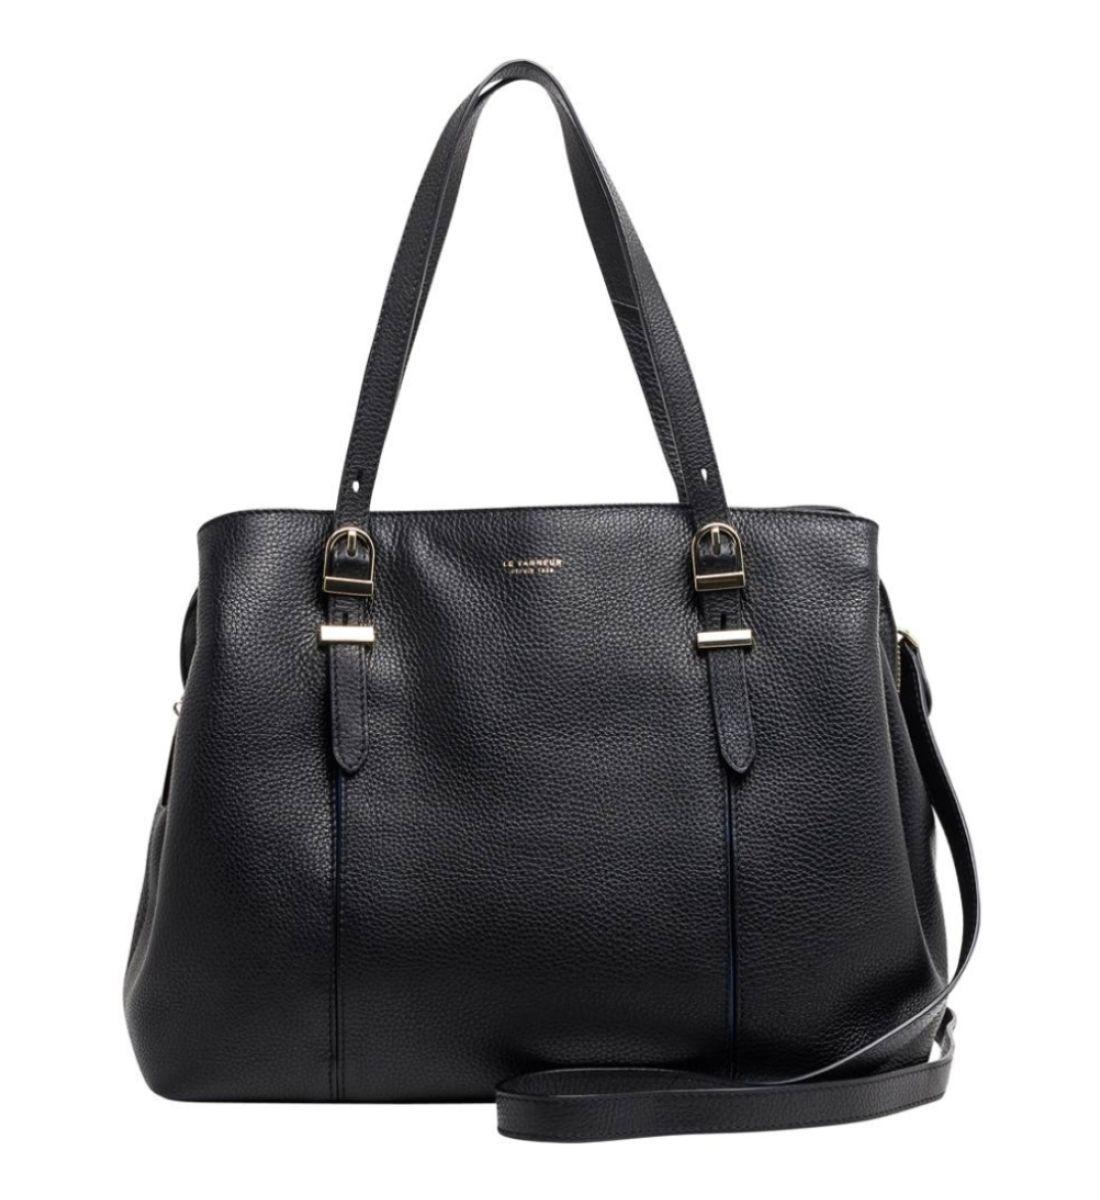 Sac Cabas Capucine Le Tanneur Noir Galeries Lafayette Bags Duffle Bag Duffle